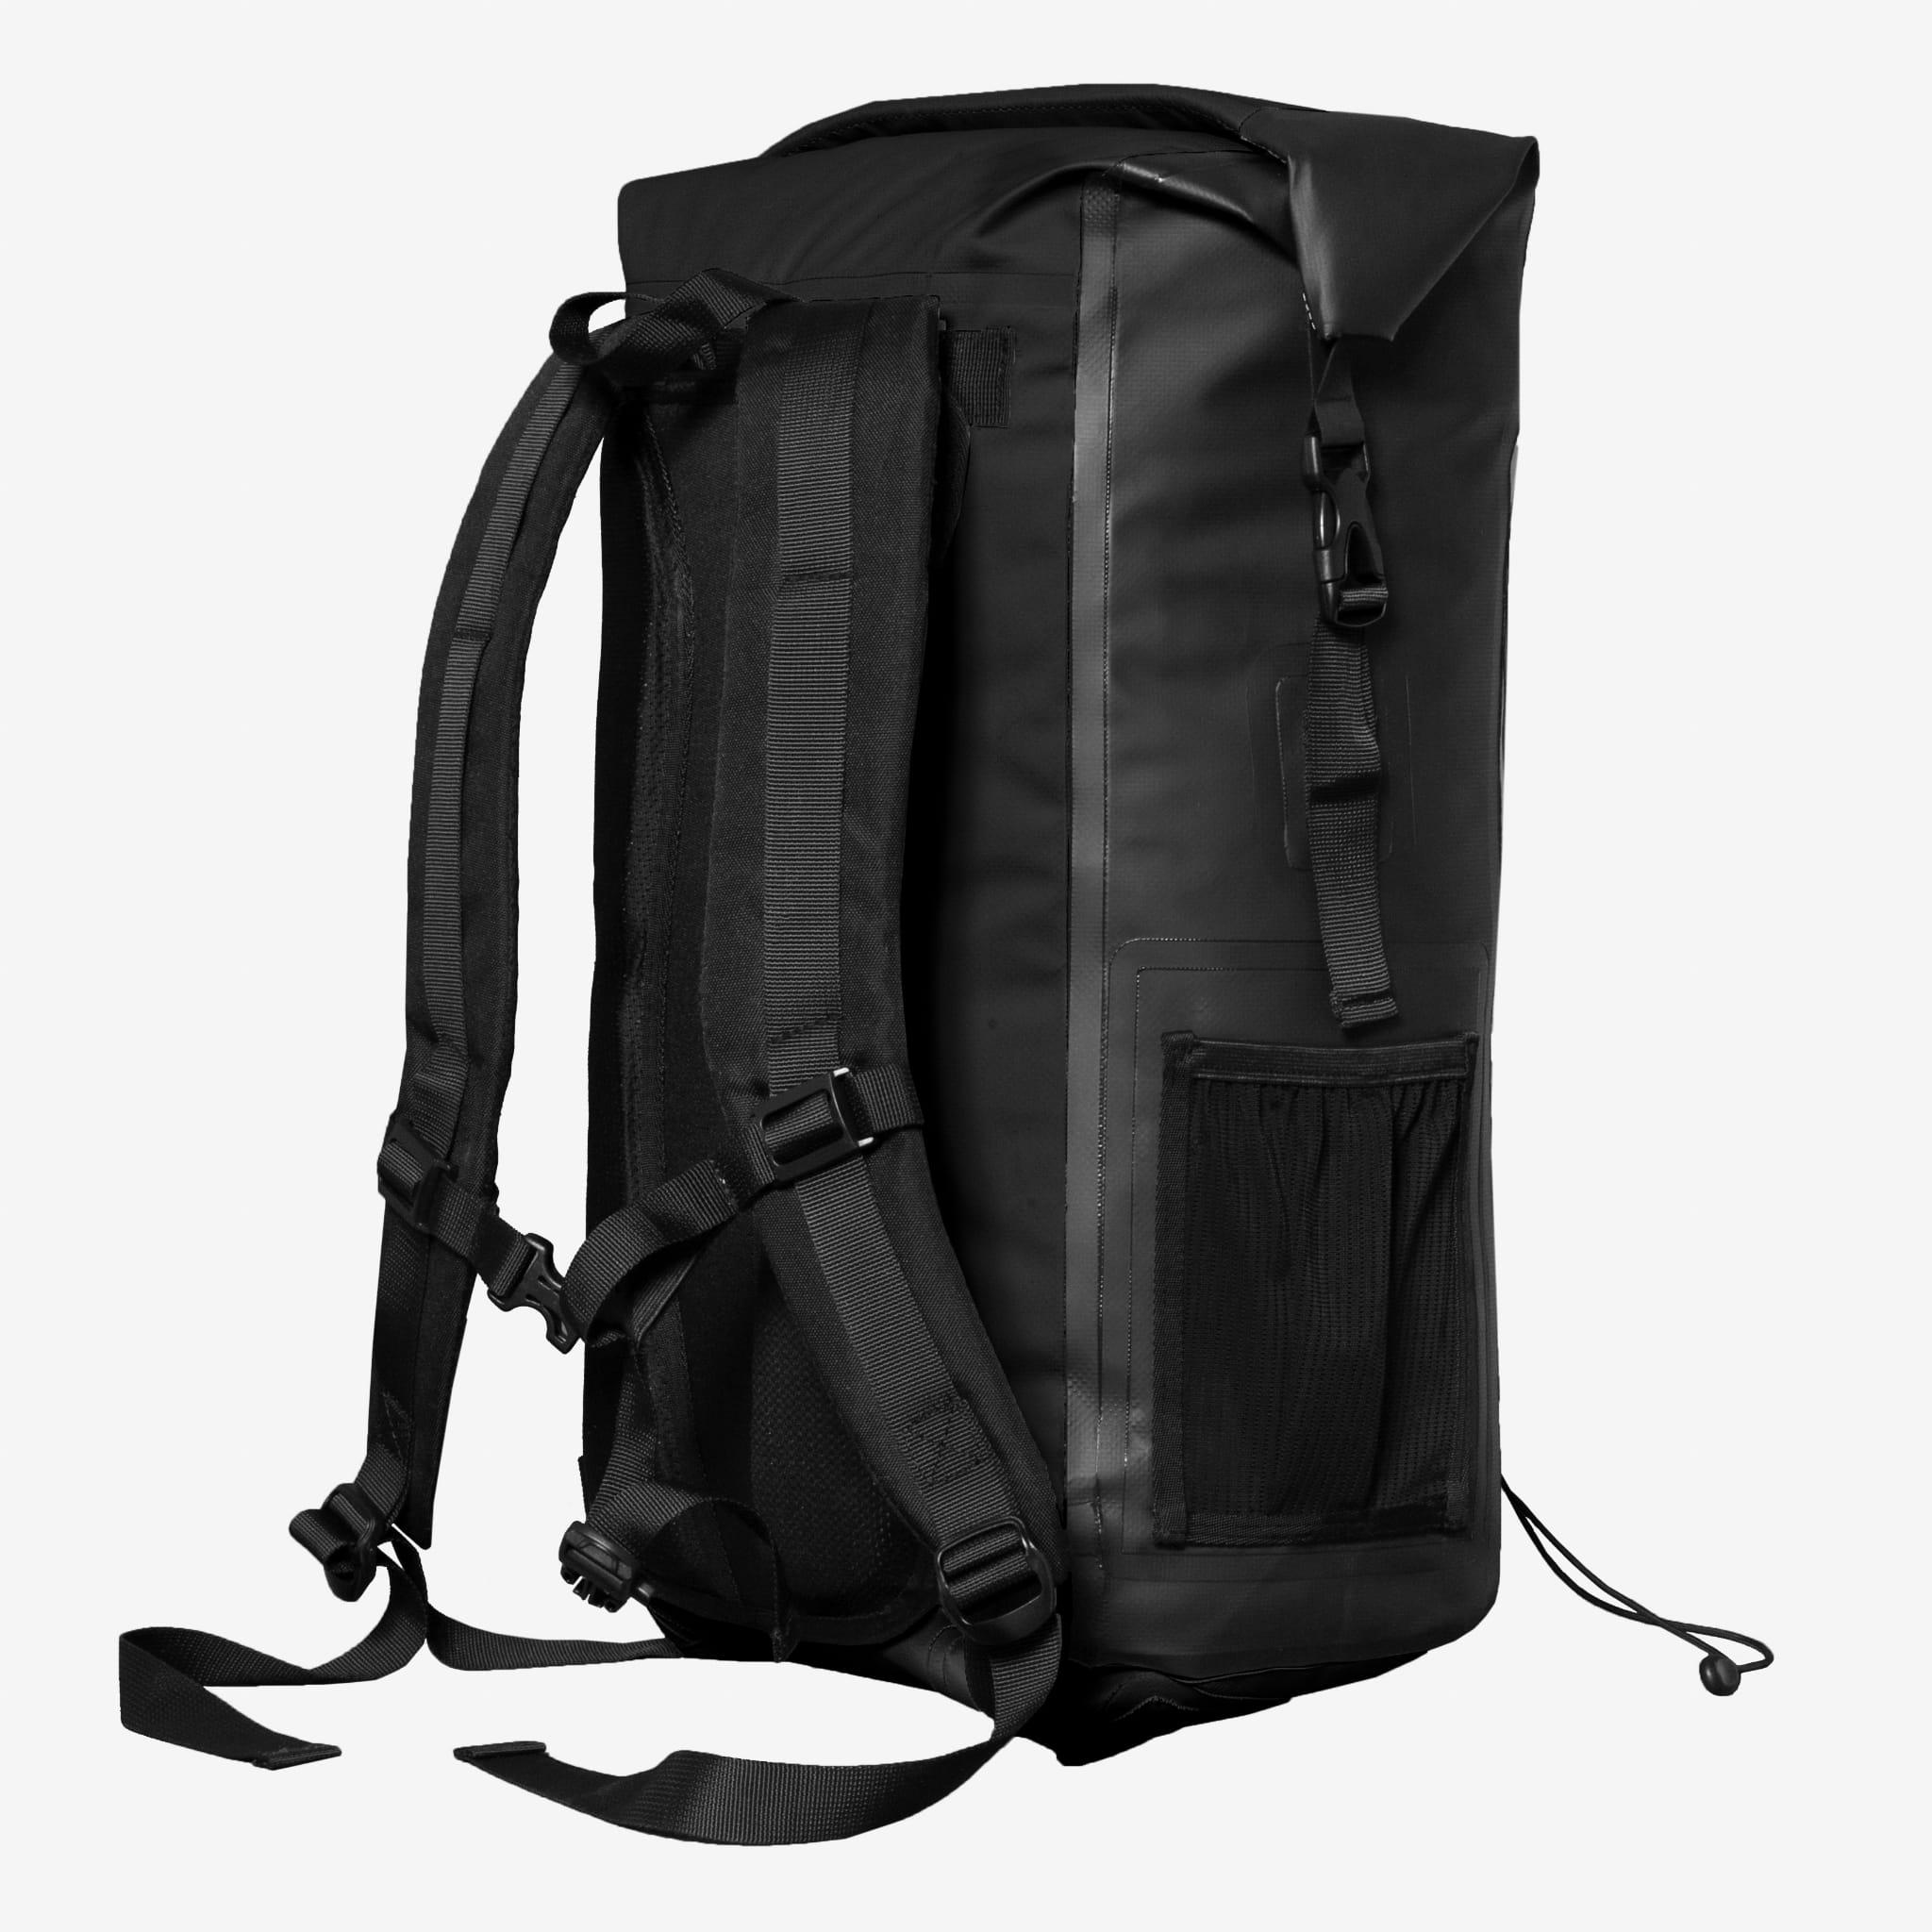 a3043ce288fa0 Plecak Fish Dry Pack Explorer 40l (WODOSZCZELNY) CZARNY SURFOTEKA